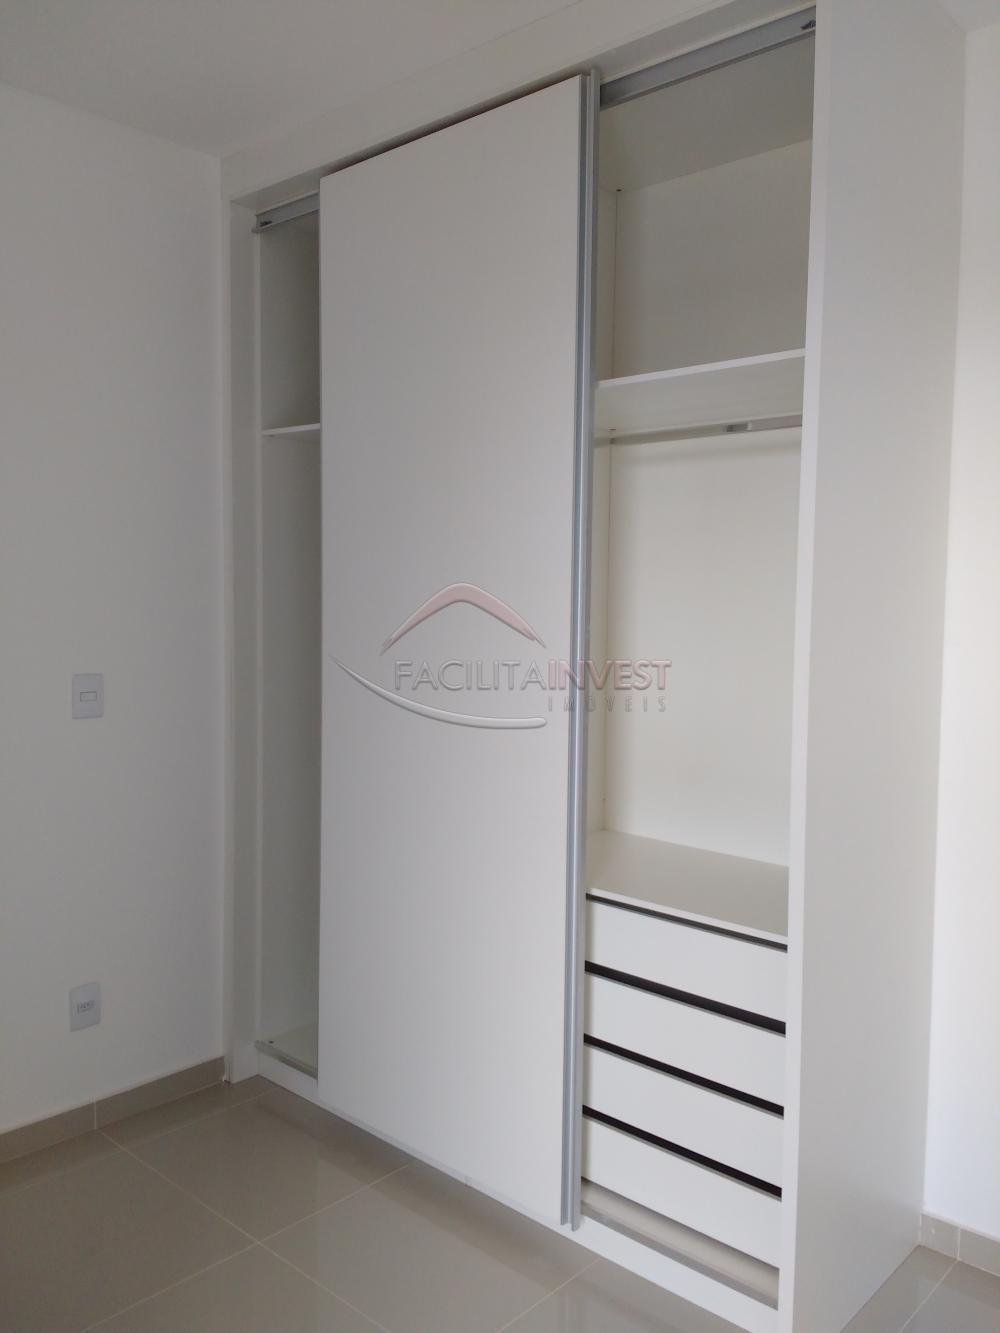 Comprar Apartamentos / Apart. Padrão em Ribeirão Preto apenas R$ 195.000,00 - Foto 6